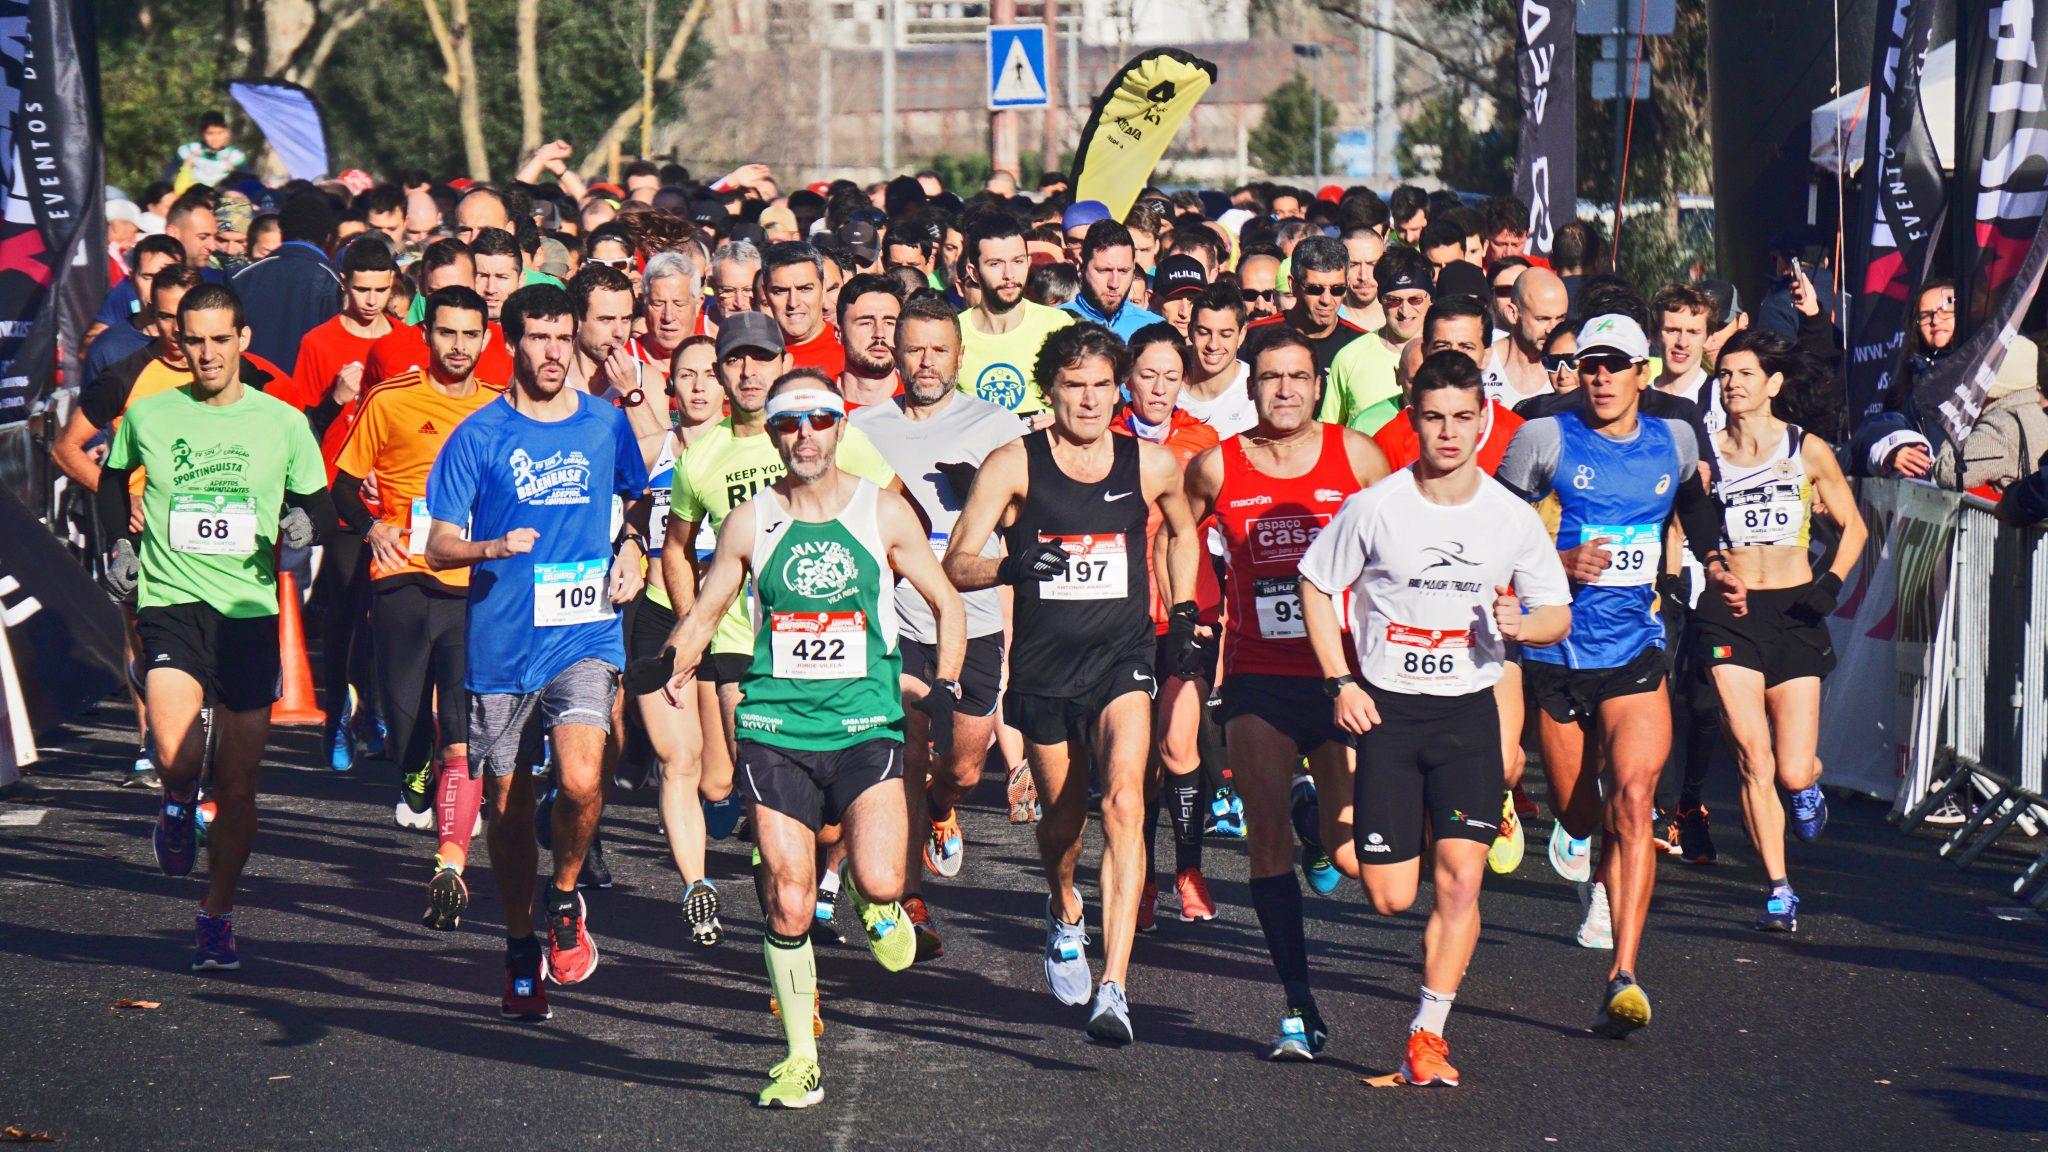 Carreras maratones y mejora del rendimiento